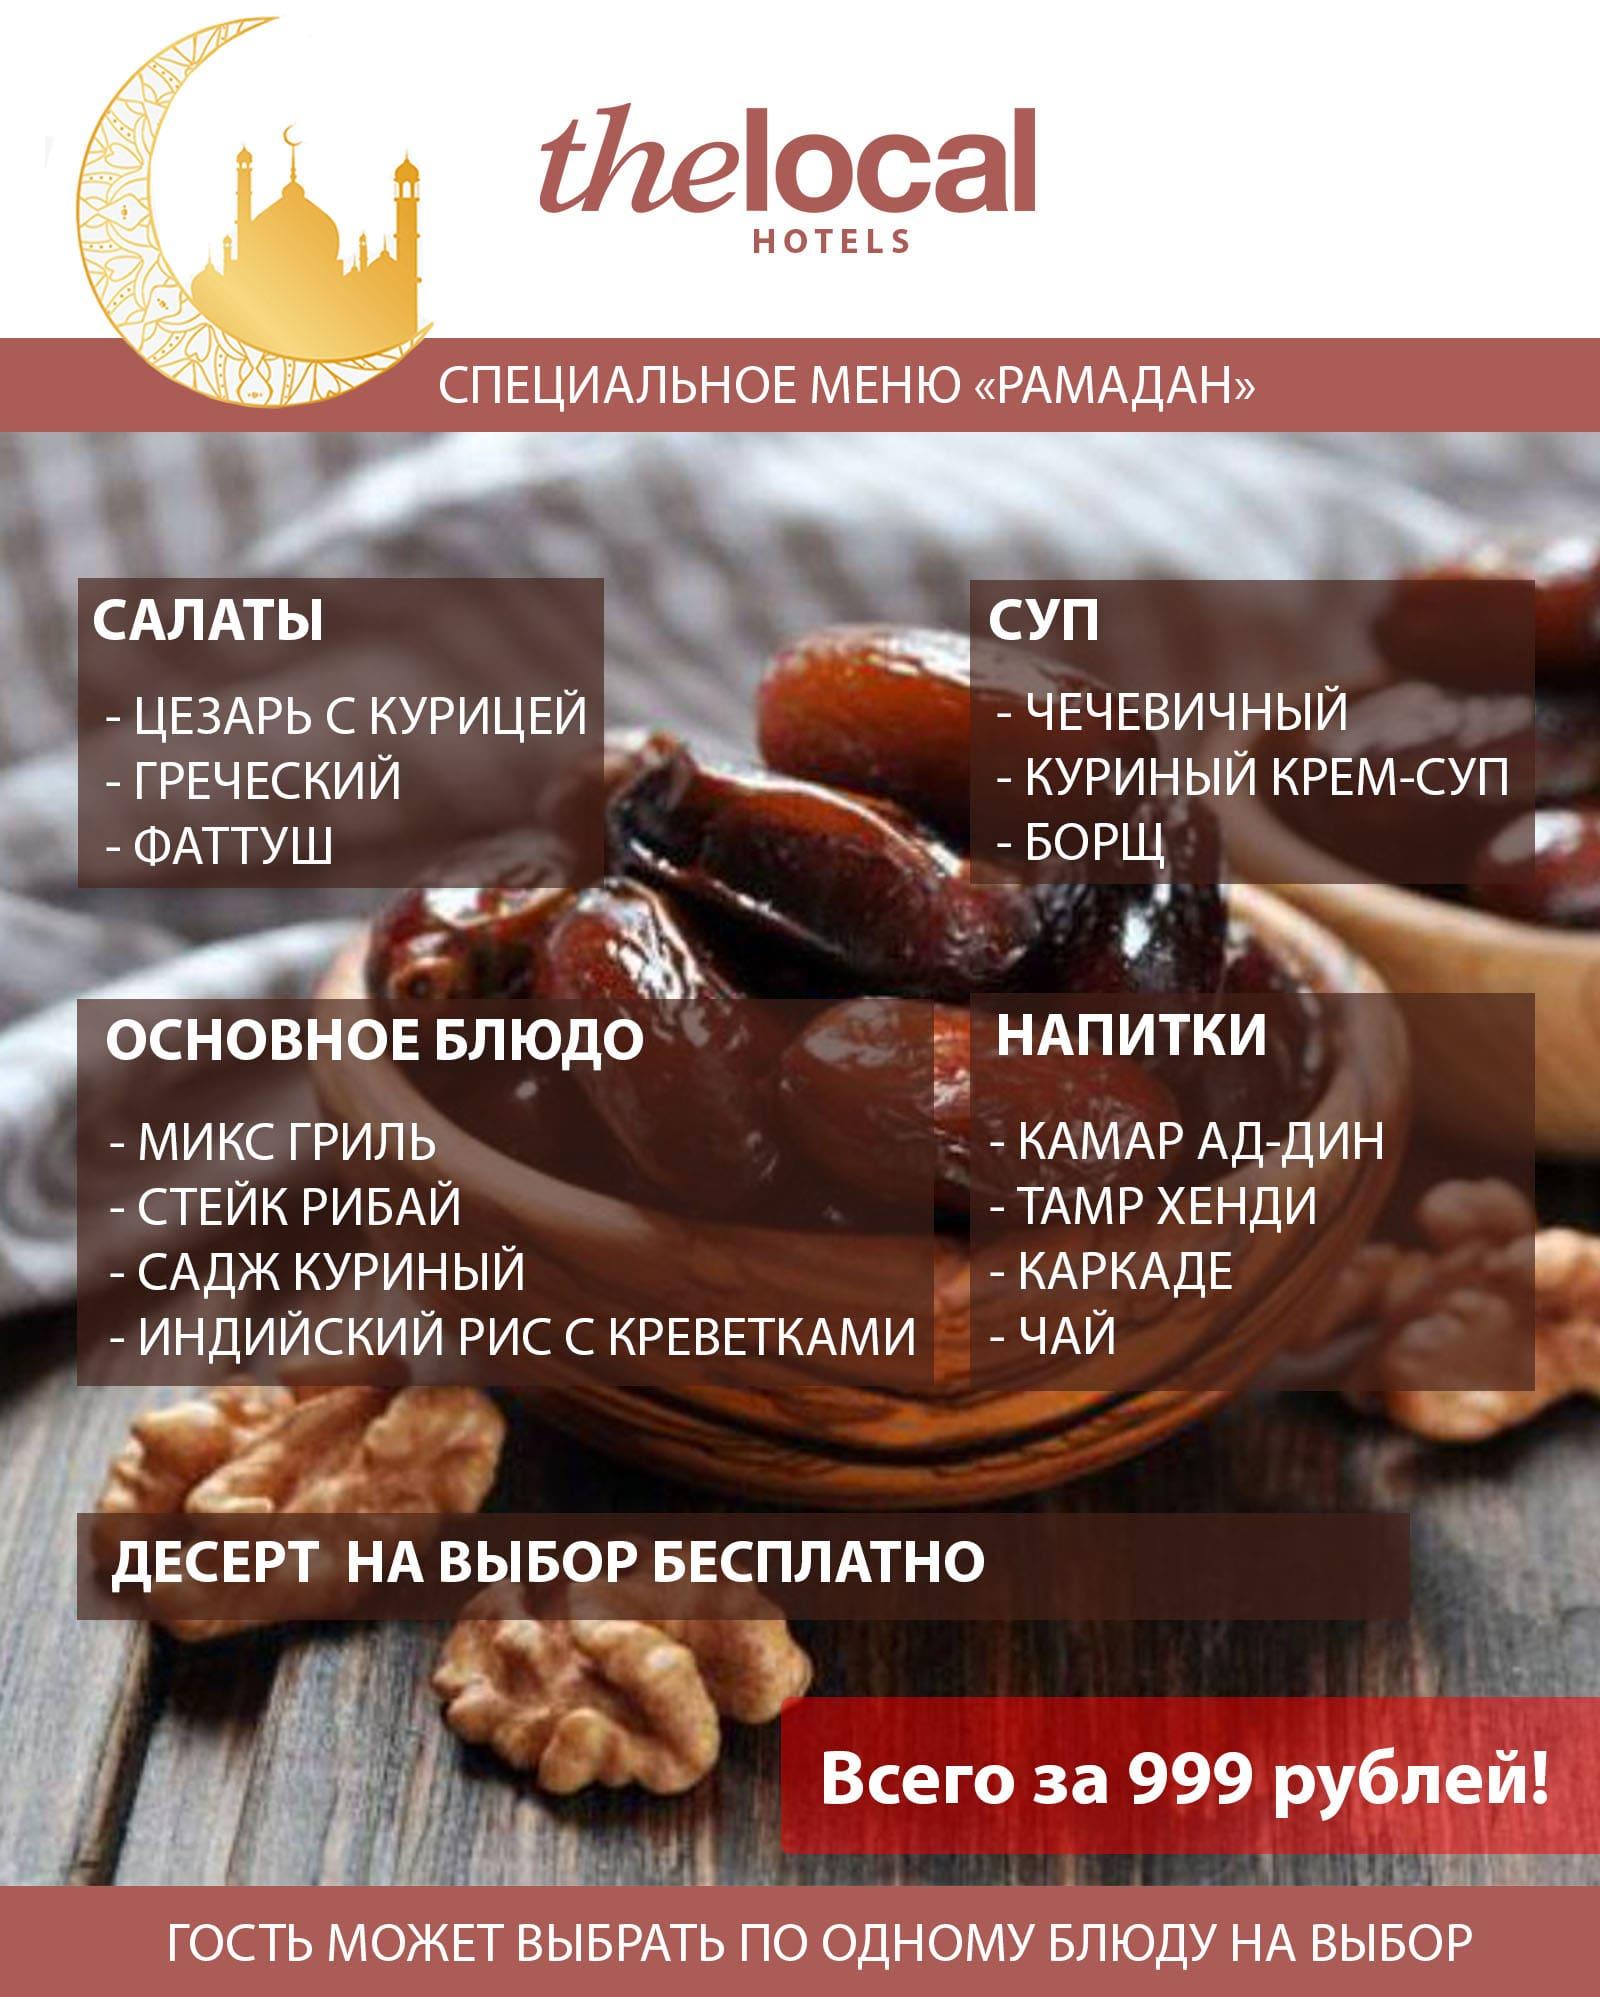 Ифтар в отеле thelocal Grozny меню